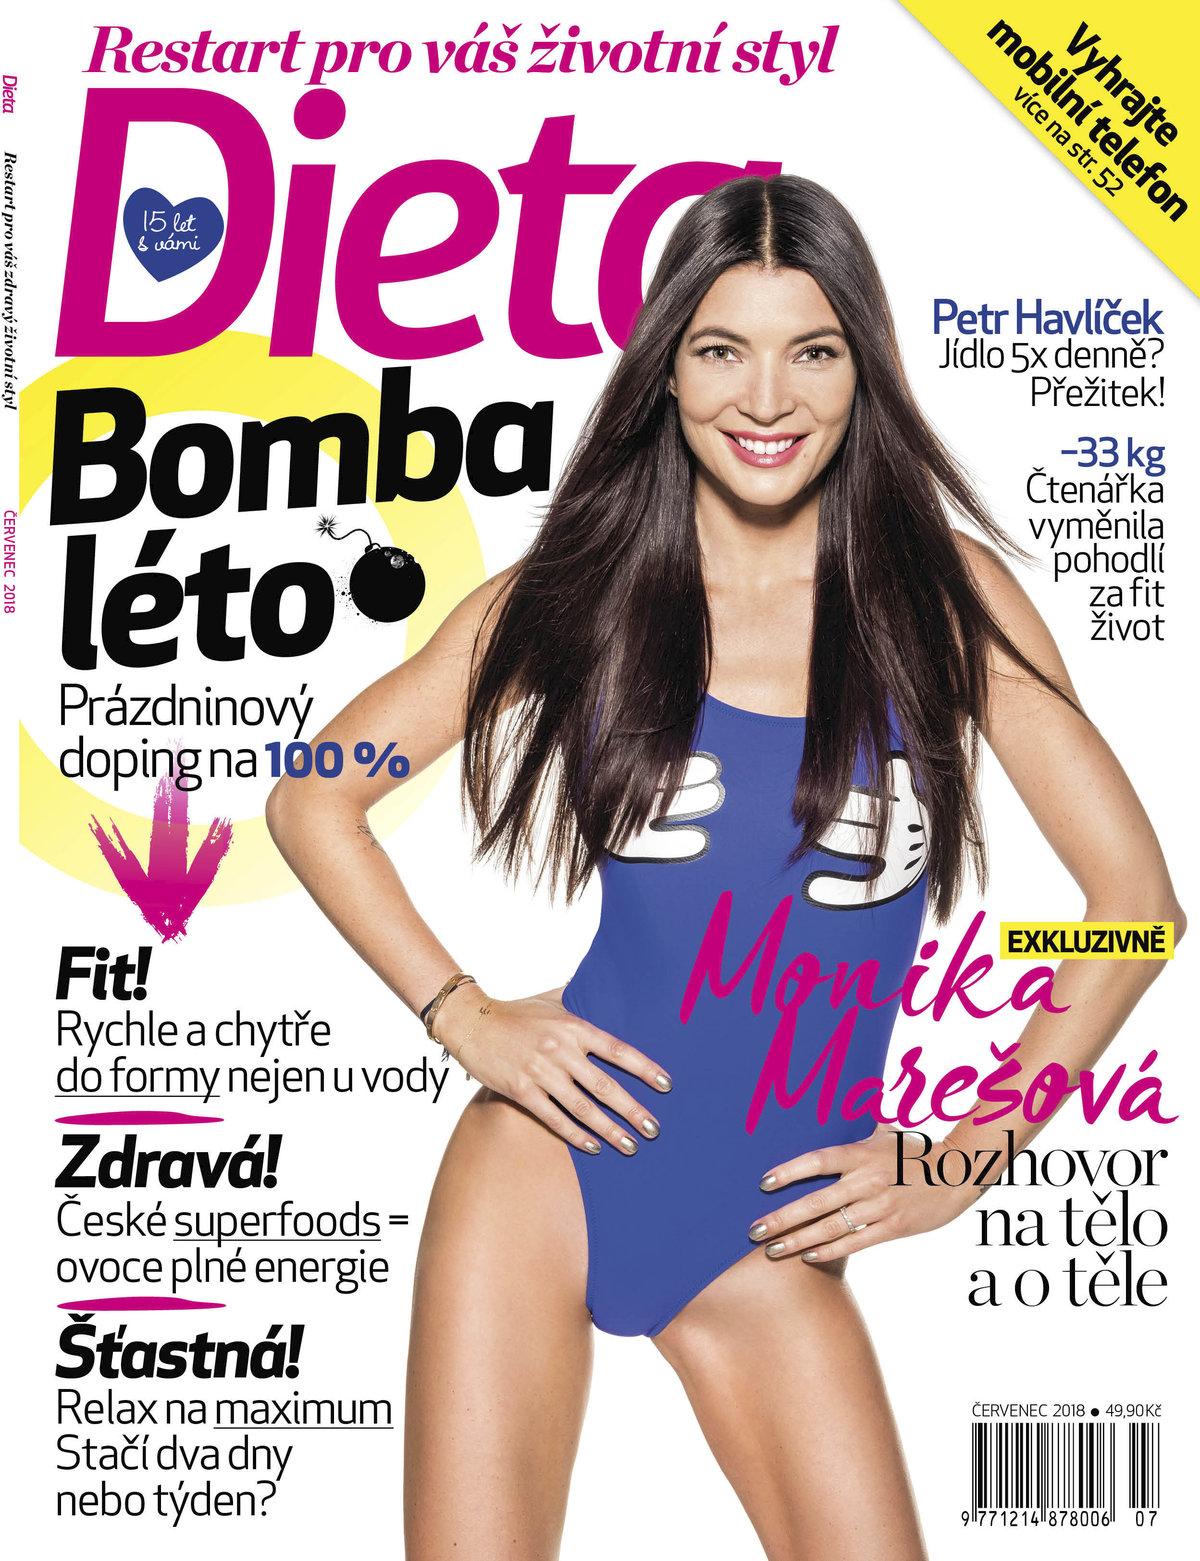 Monika Marešová v časopisu Dieta.